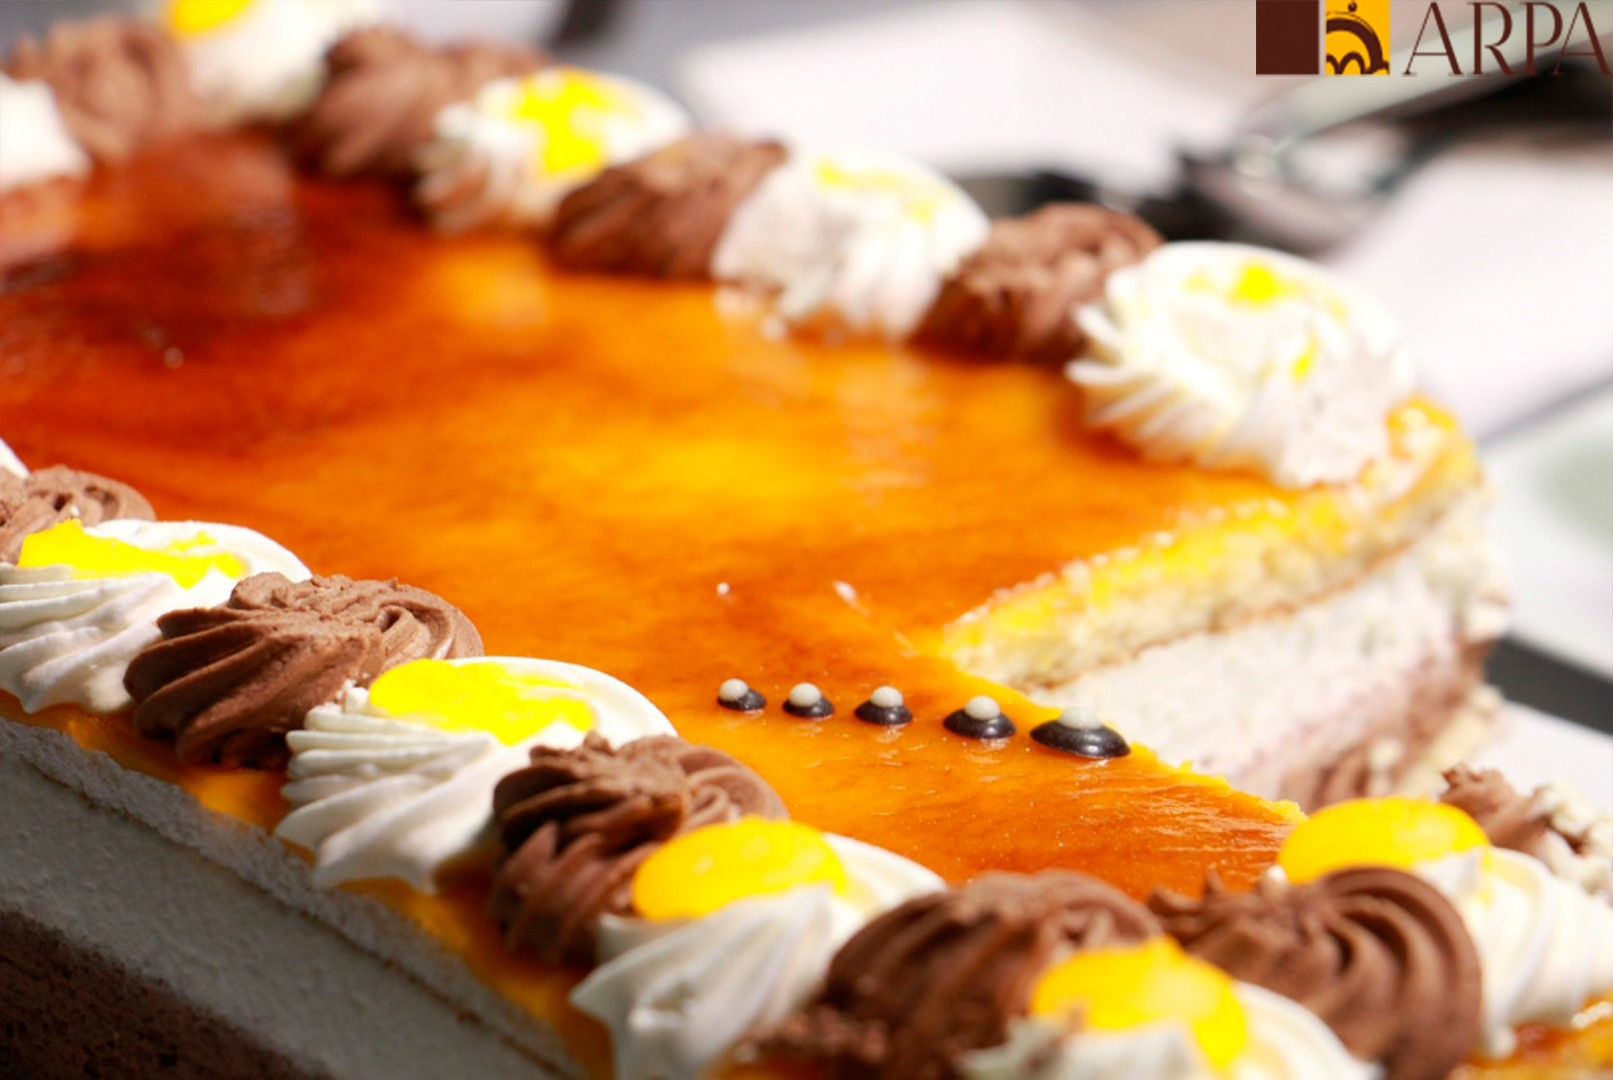 Pastel relleno de una capa de nata y una de trufa recubierto de yema de huevo quemada con azúcar y decorado con nata y trufa